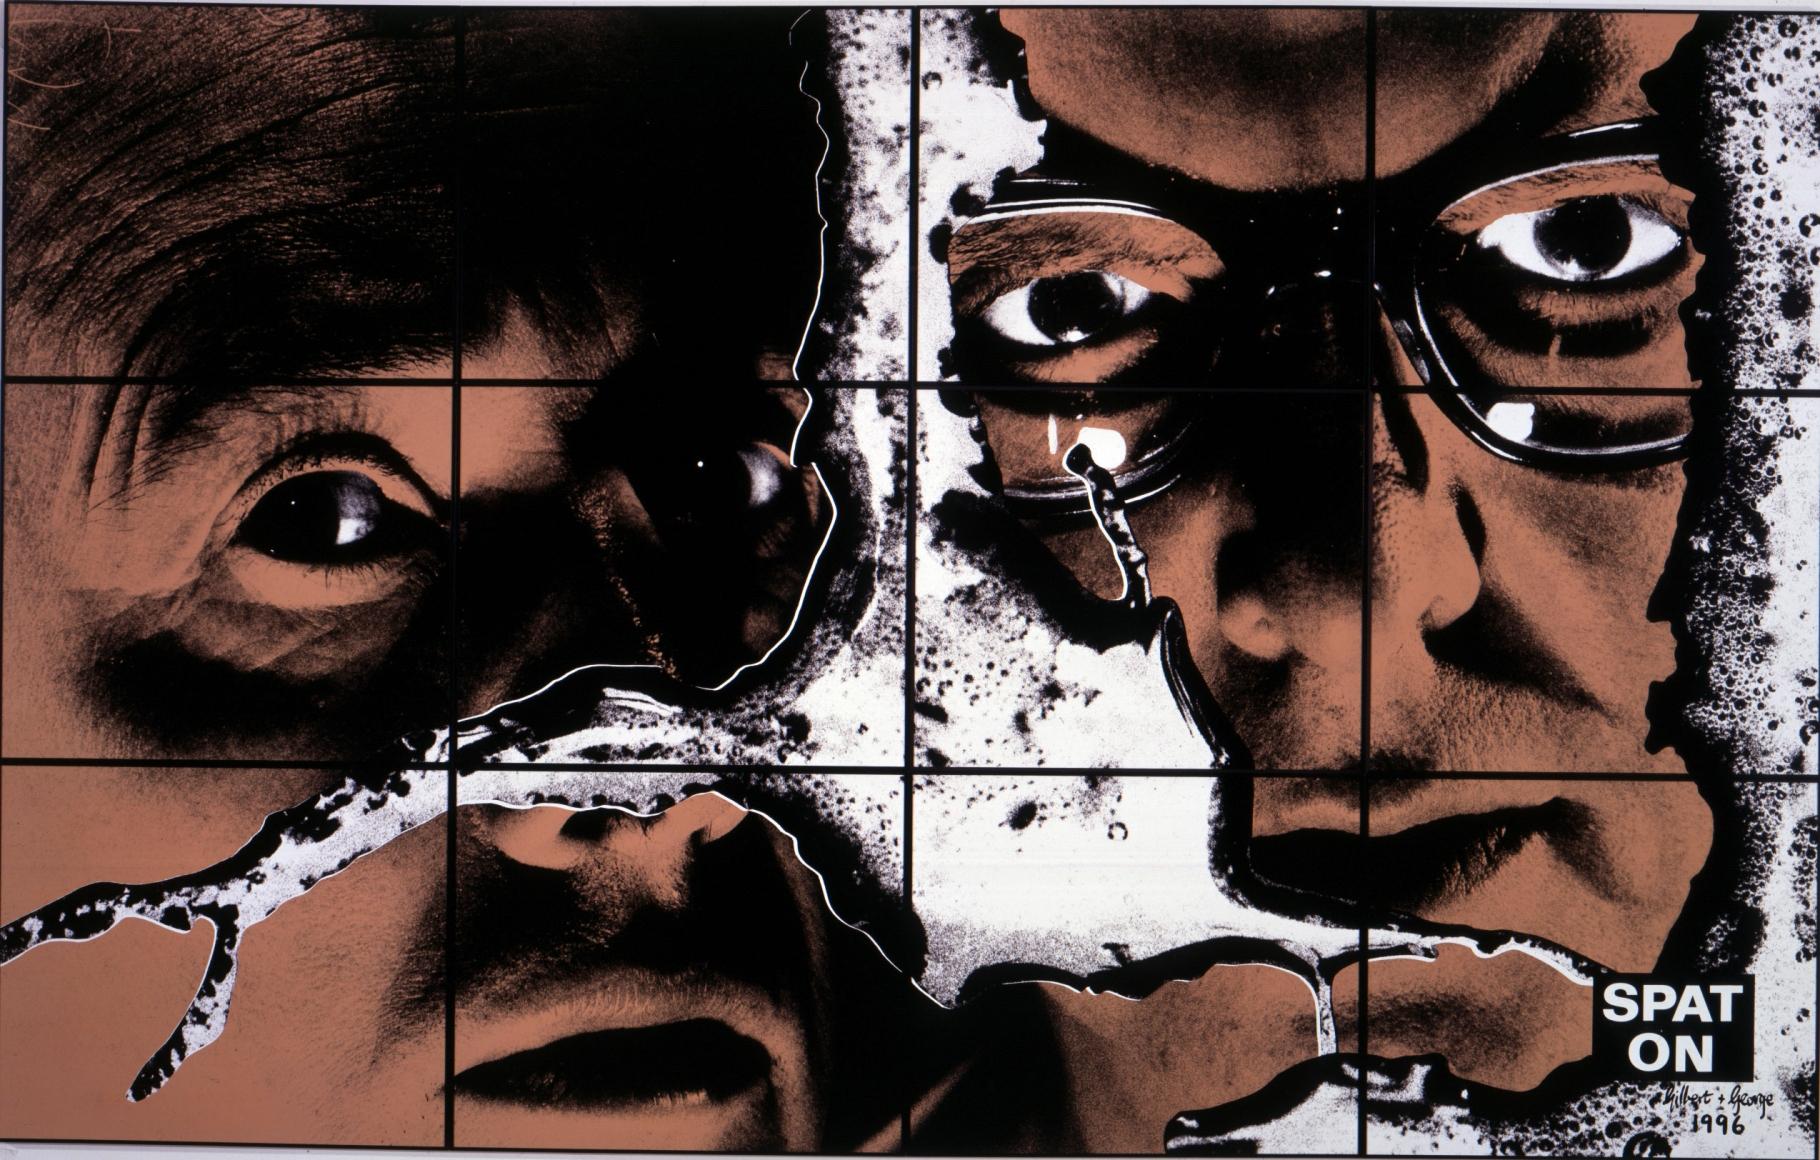 比利·查爾迪斯 Spat On, 1996